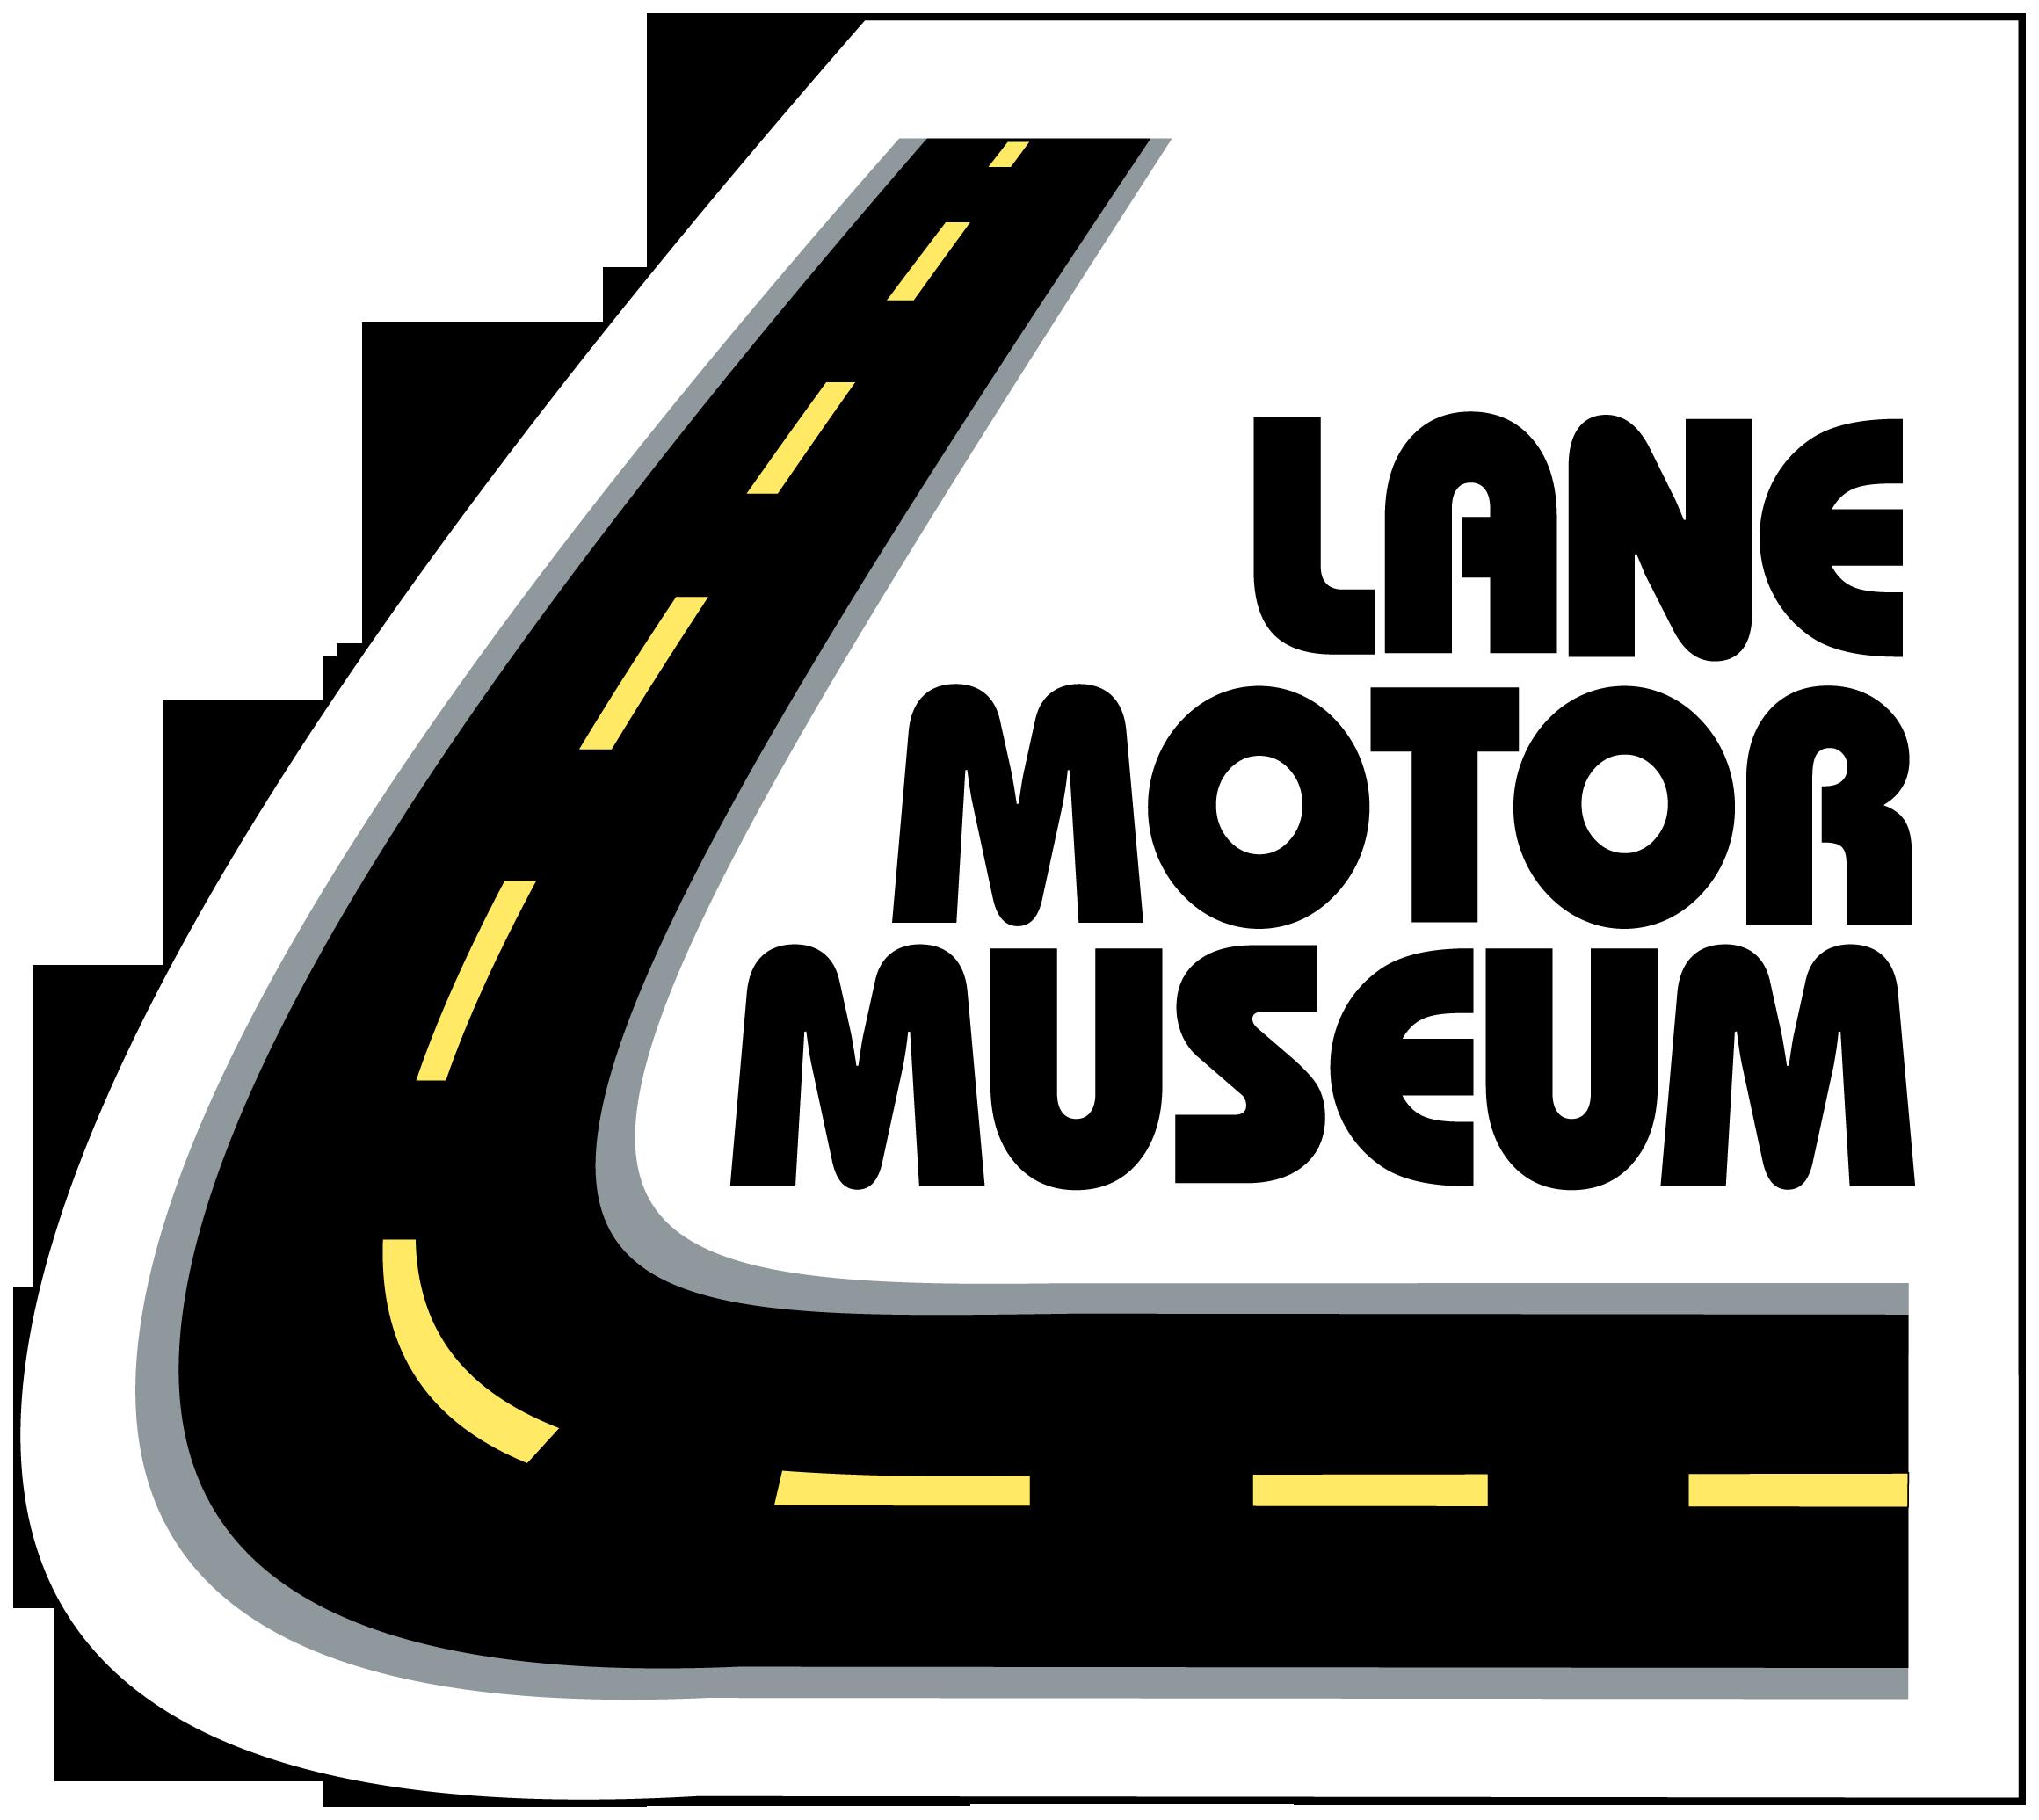 Lane Motor Museum Logo